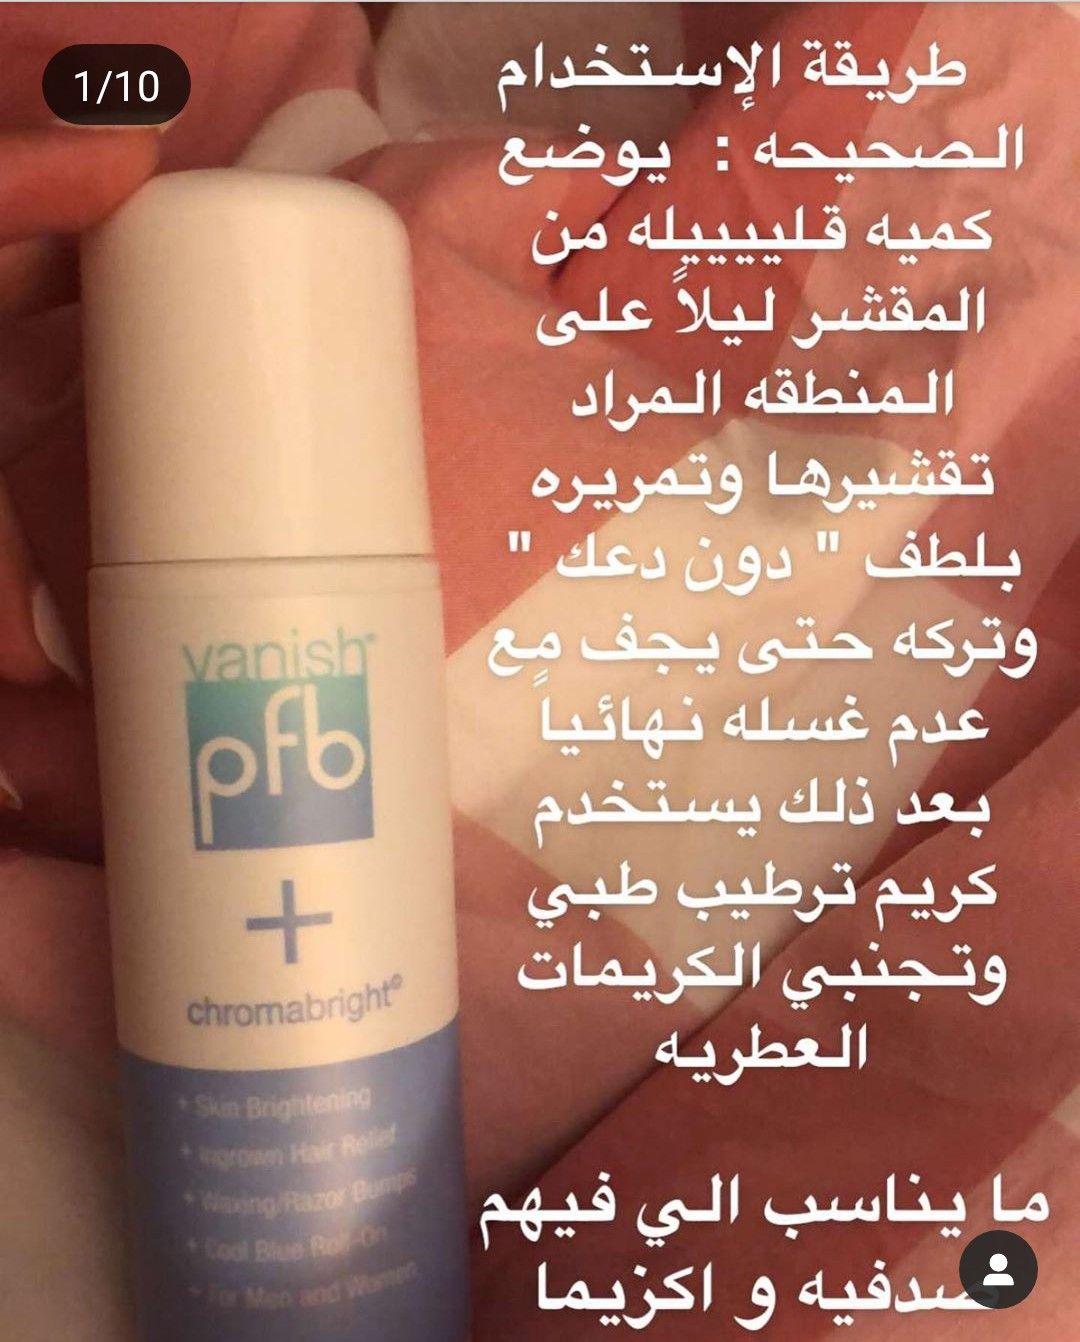 Pin By Zaaha 23 On لوشن ومرطب ومبيض للجسم Shampoo Bottle 10 Things Bottle